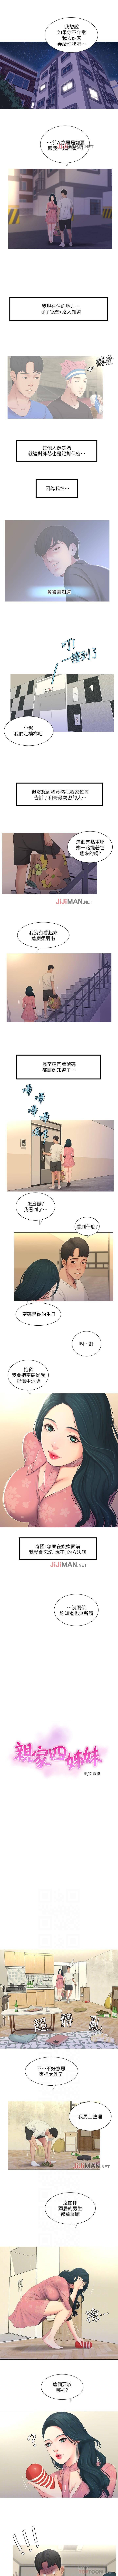 【周四连载】亲家四姐妹(作者:愛摸) 第1~37话 26